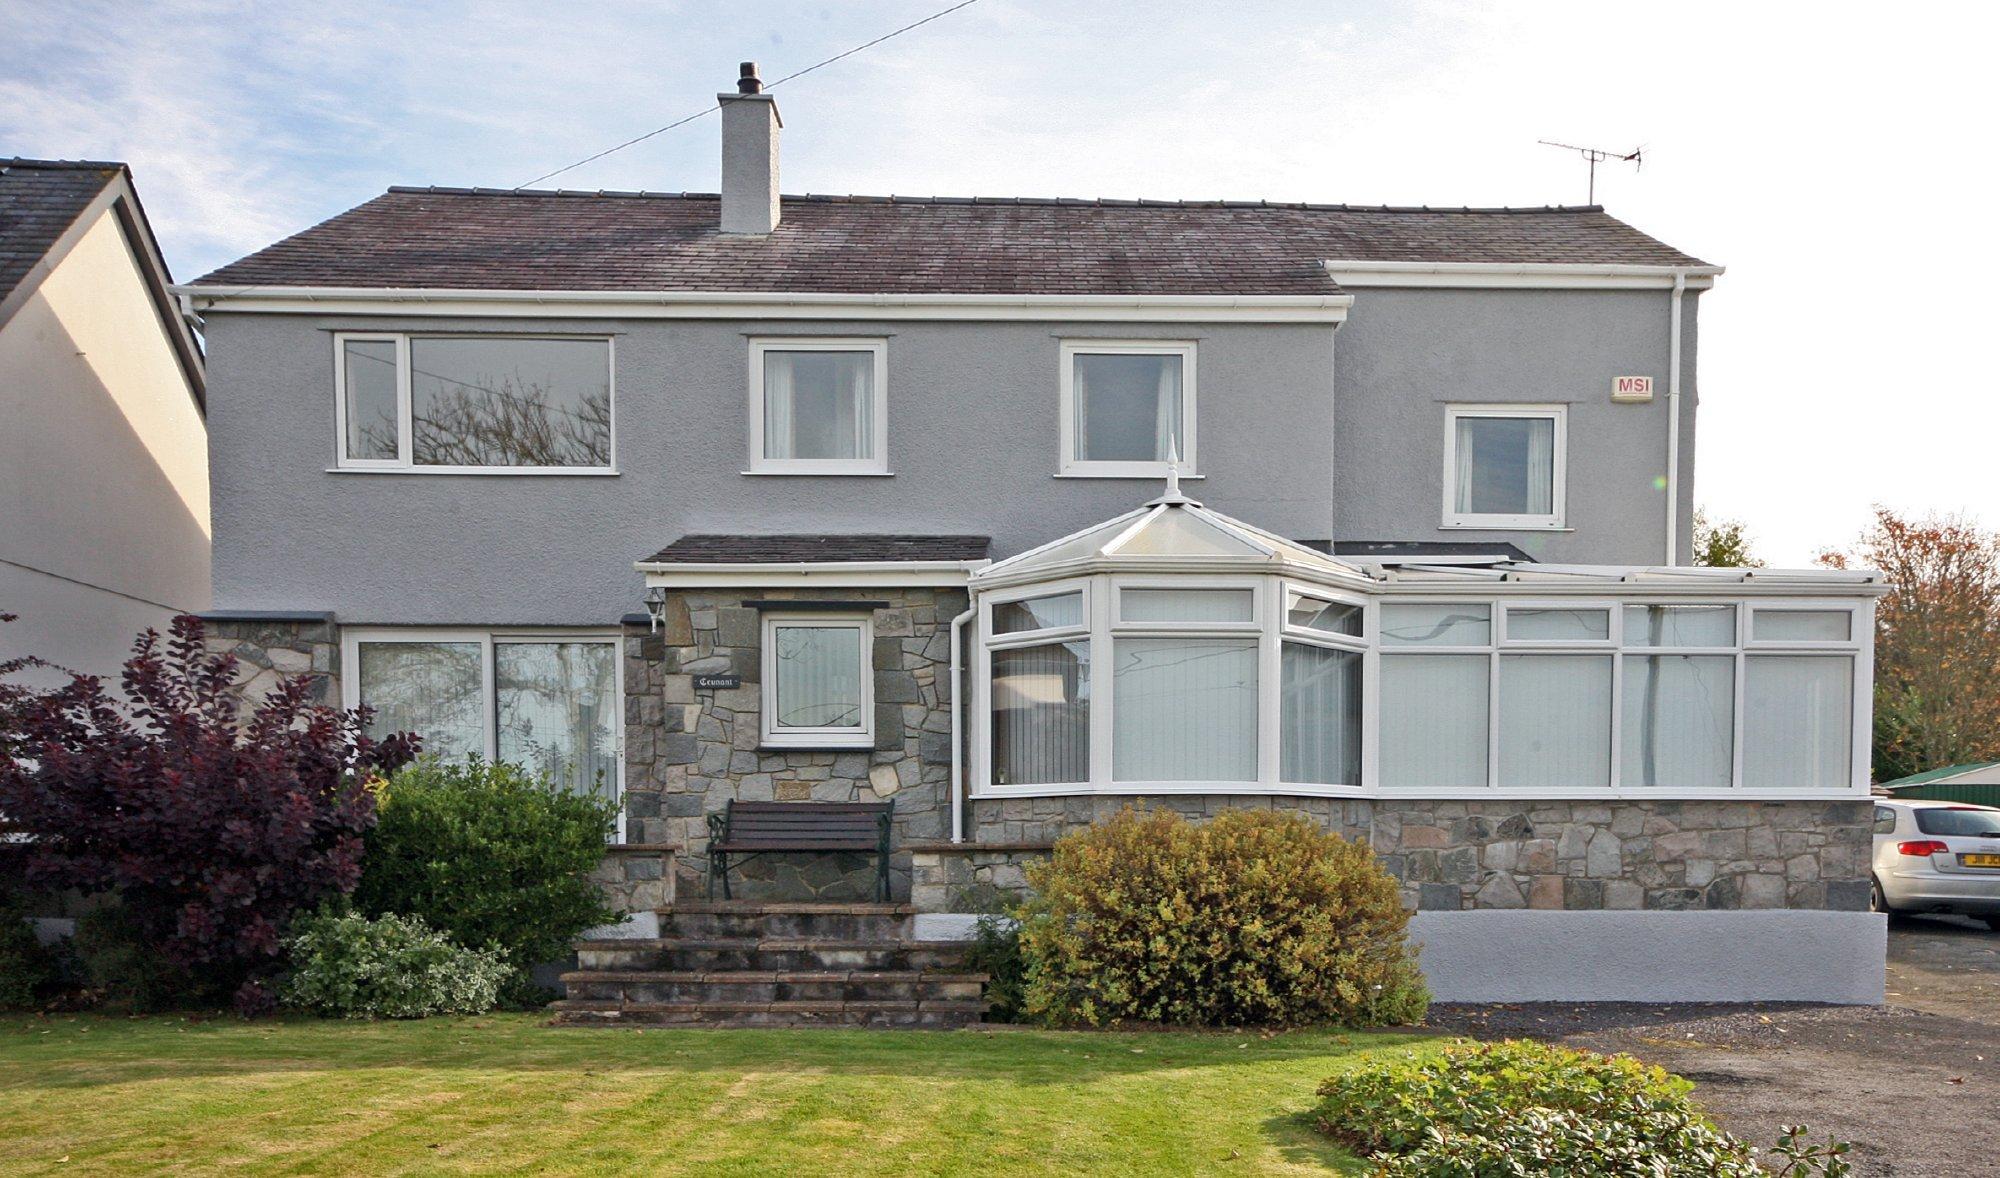 Rhostryfan, Caernarfon, North Wales